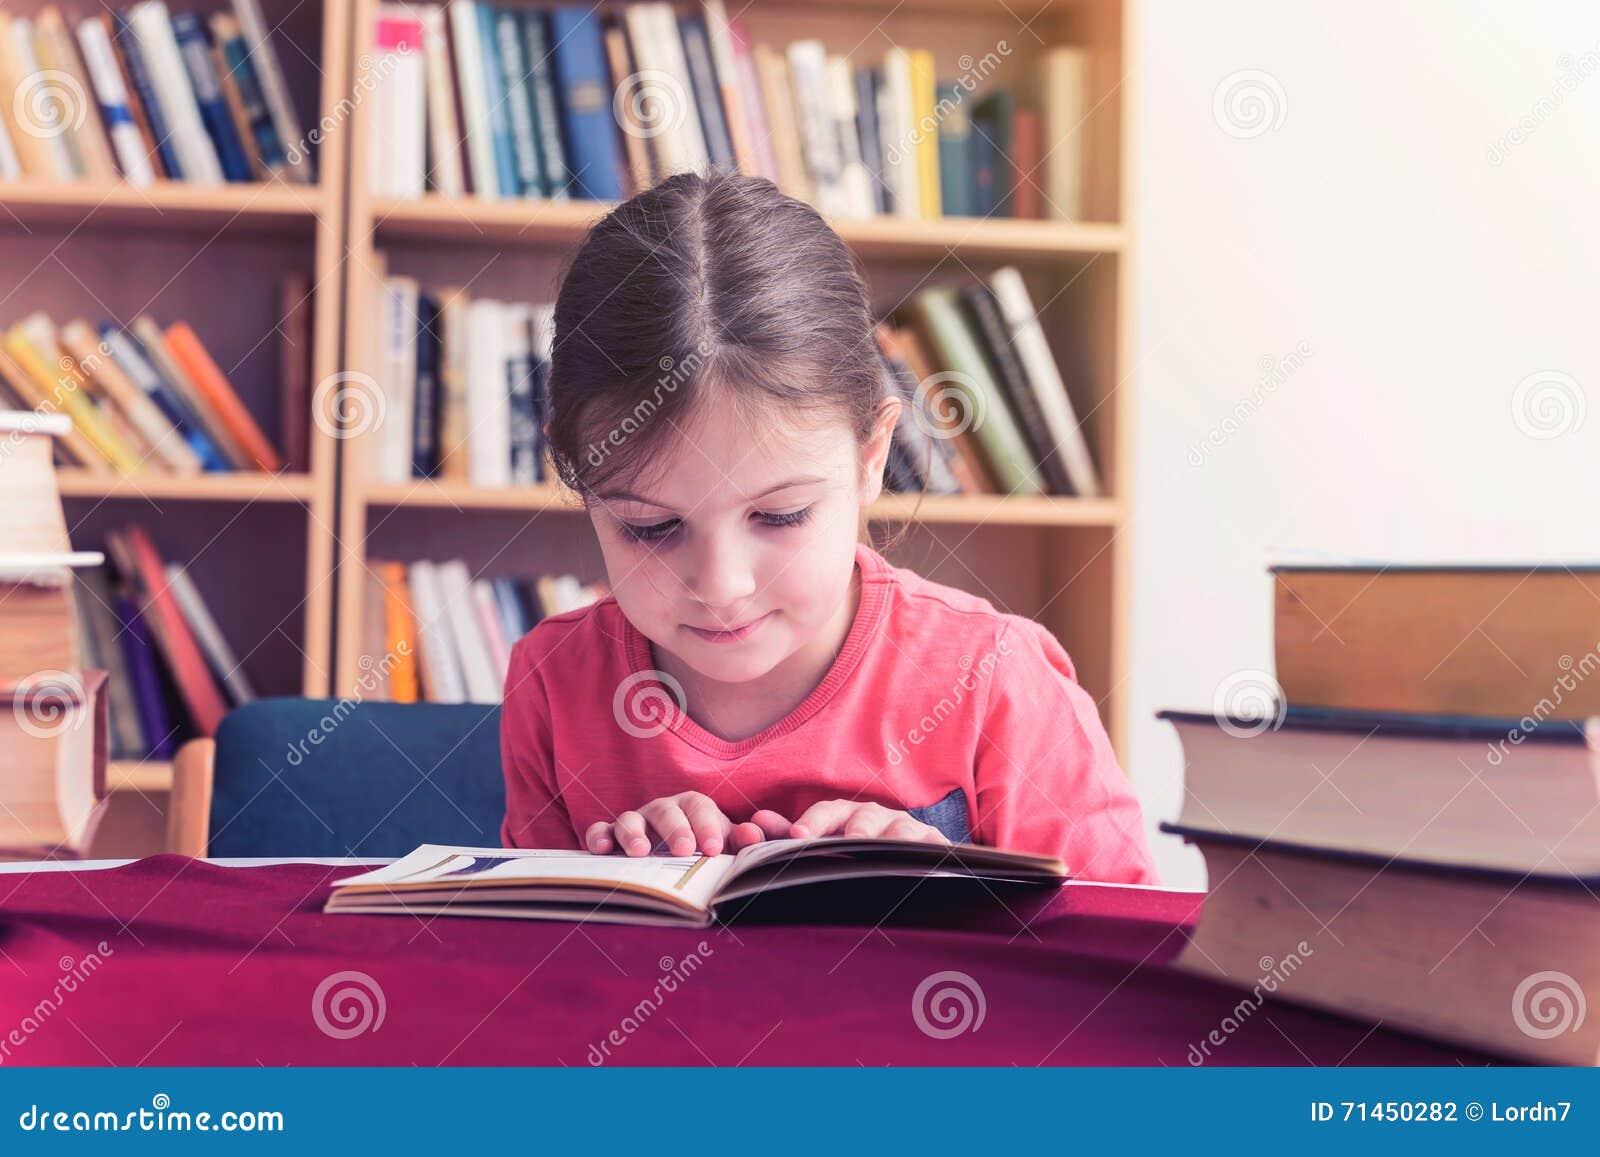 La chica joven lee un libro en biblioteca